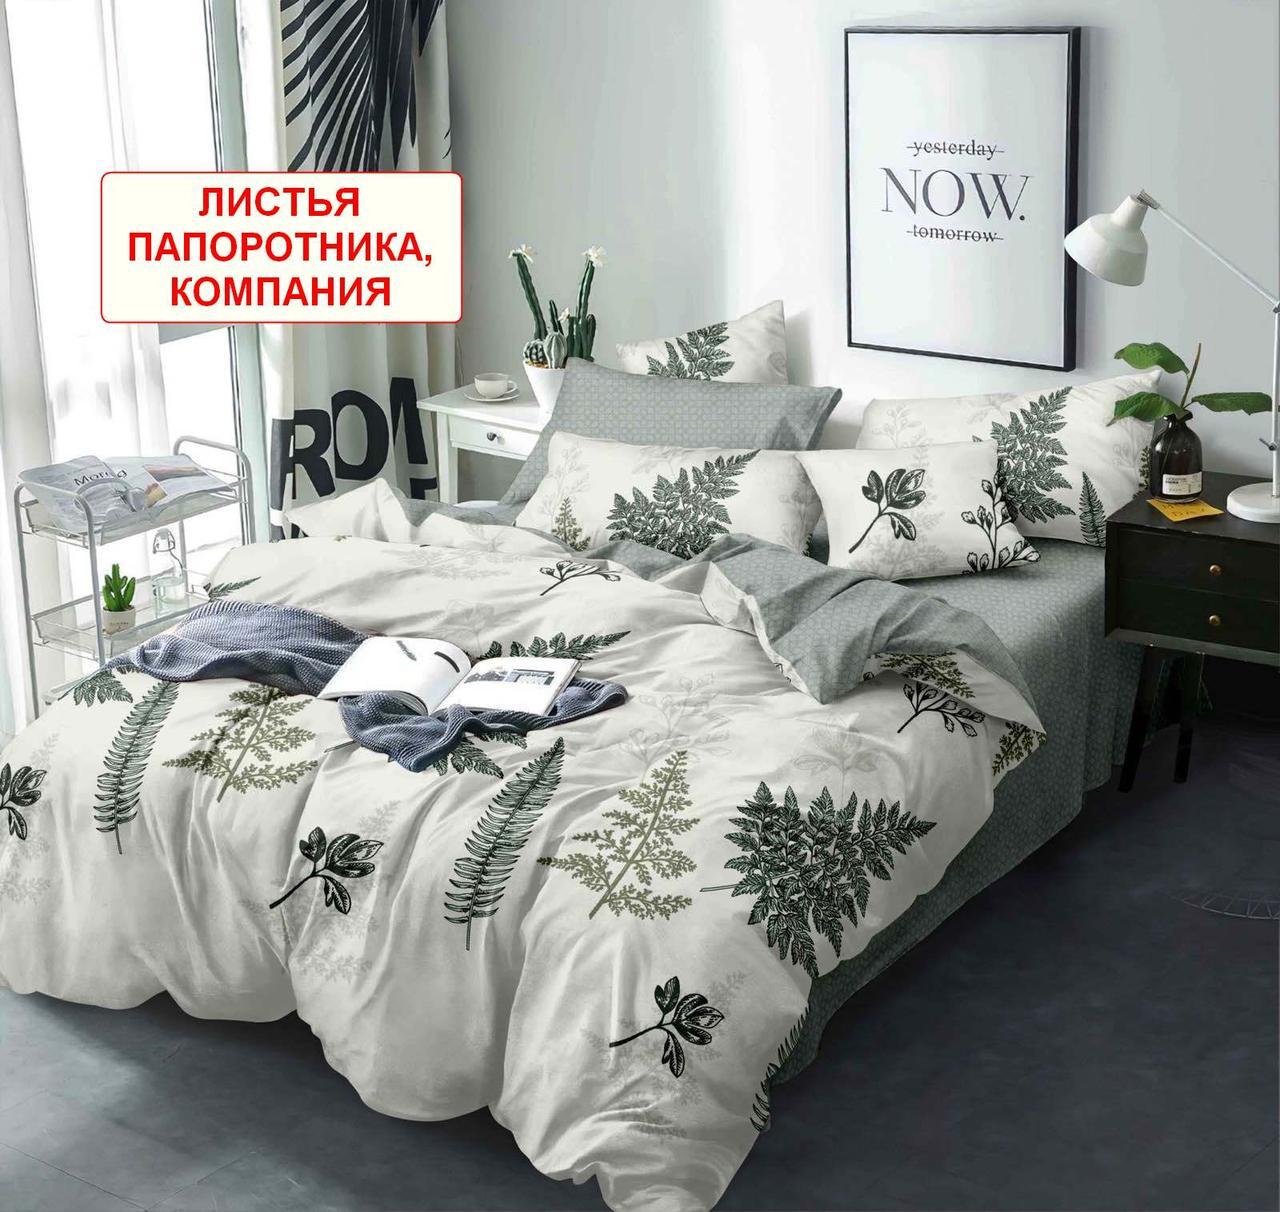 Двоспальний набір постільної білизни з сатину - Листя папороті, компанія